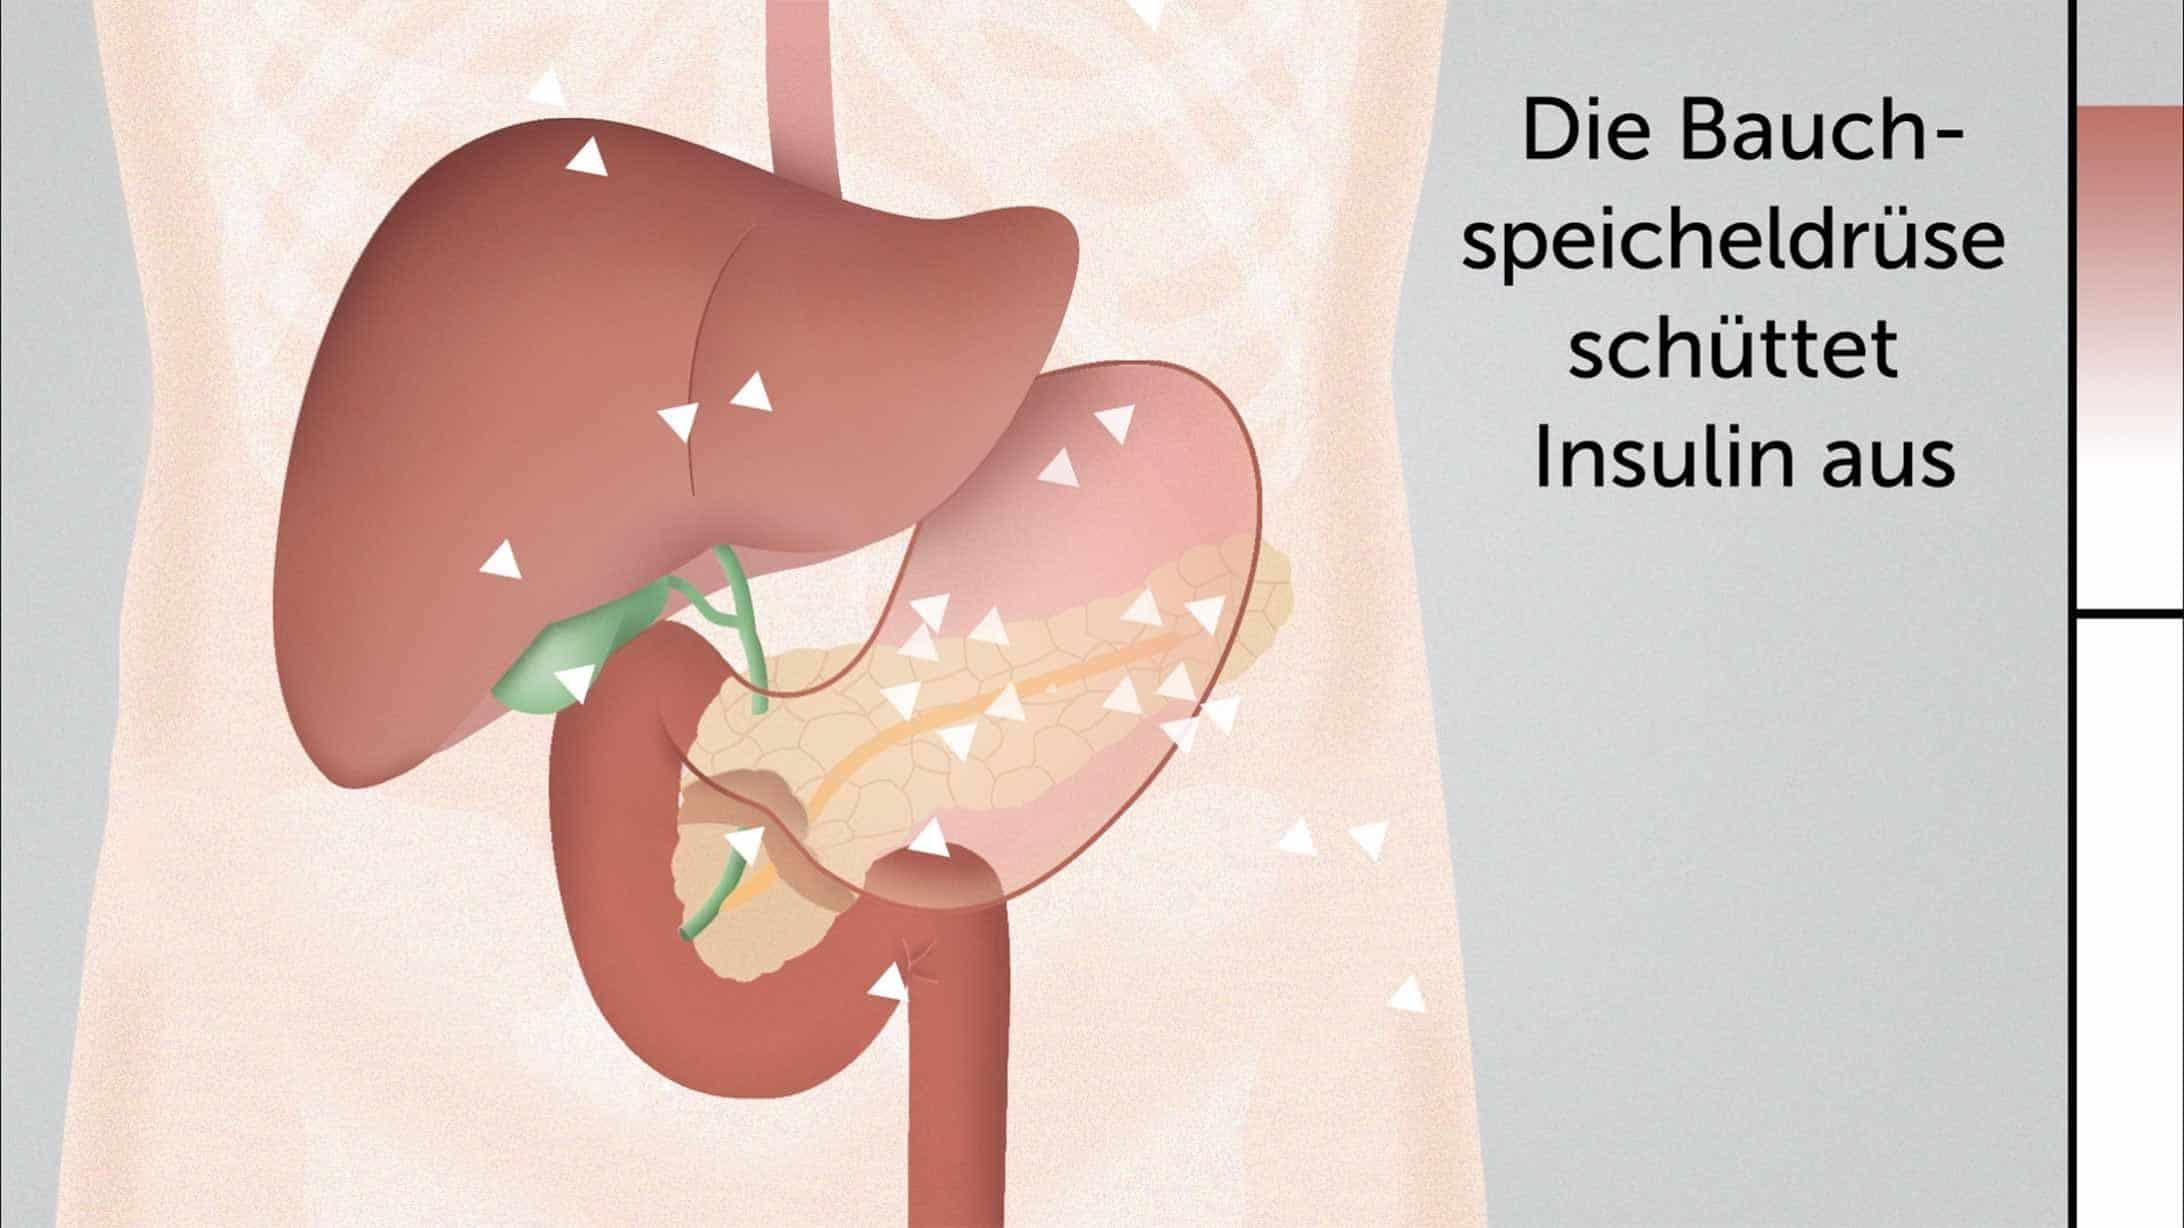 Illustration Ausschüttung Insulin der Bauchspeicheldrüse